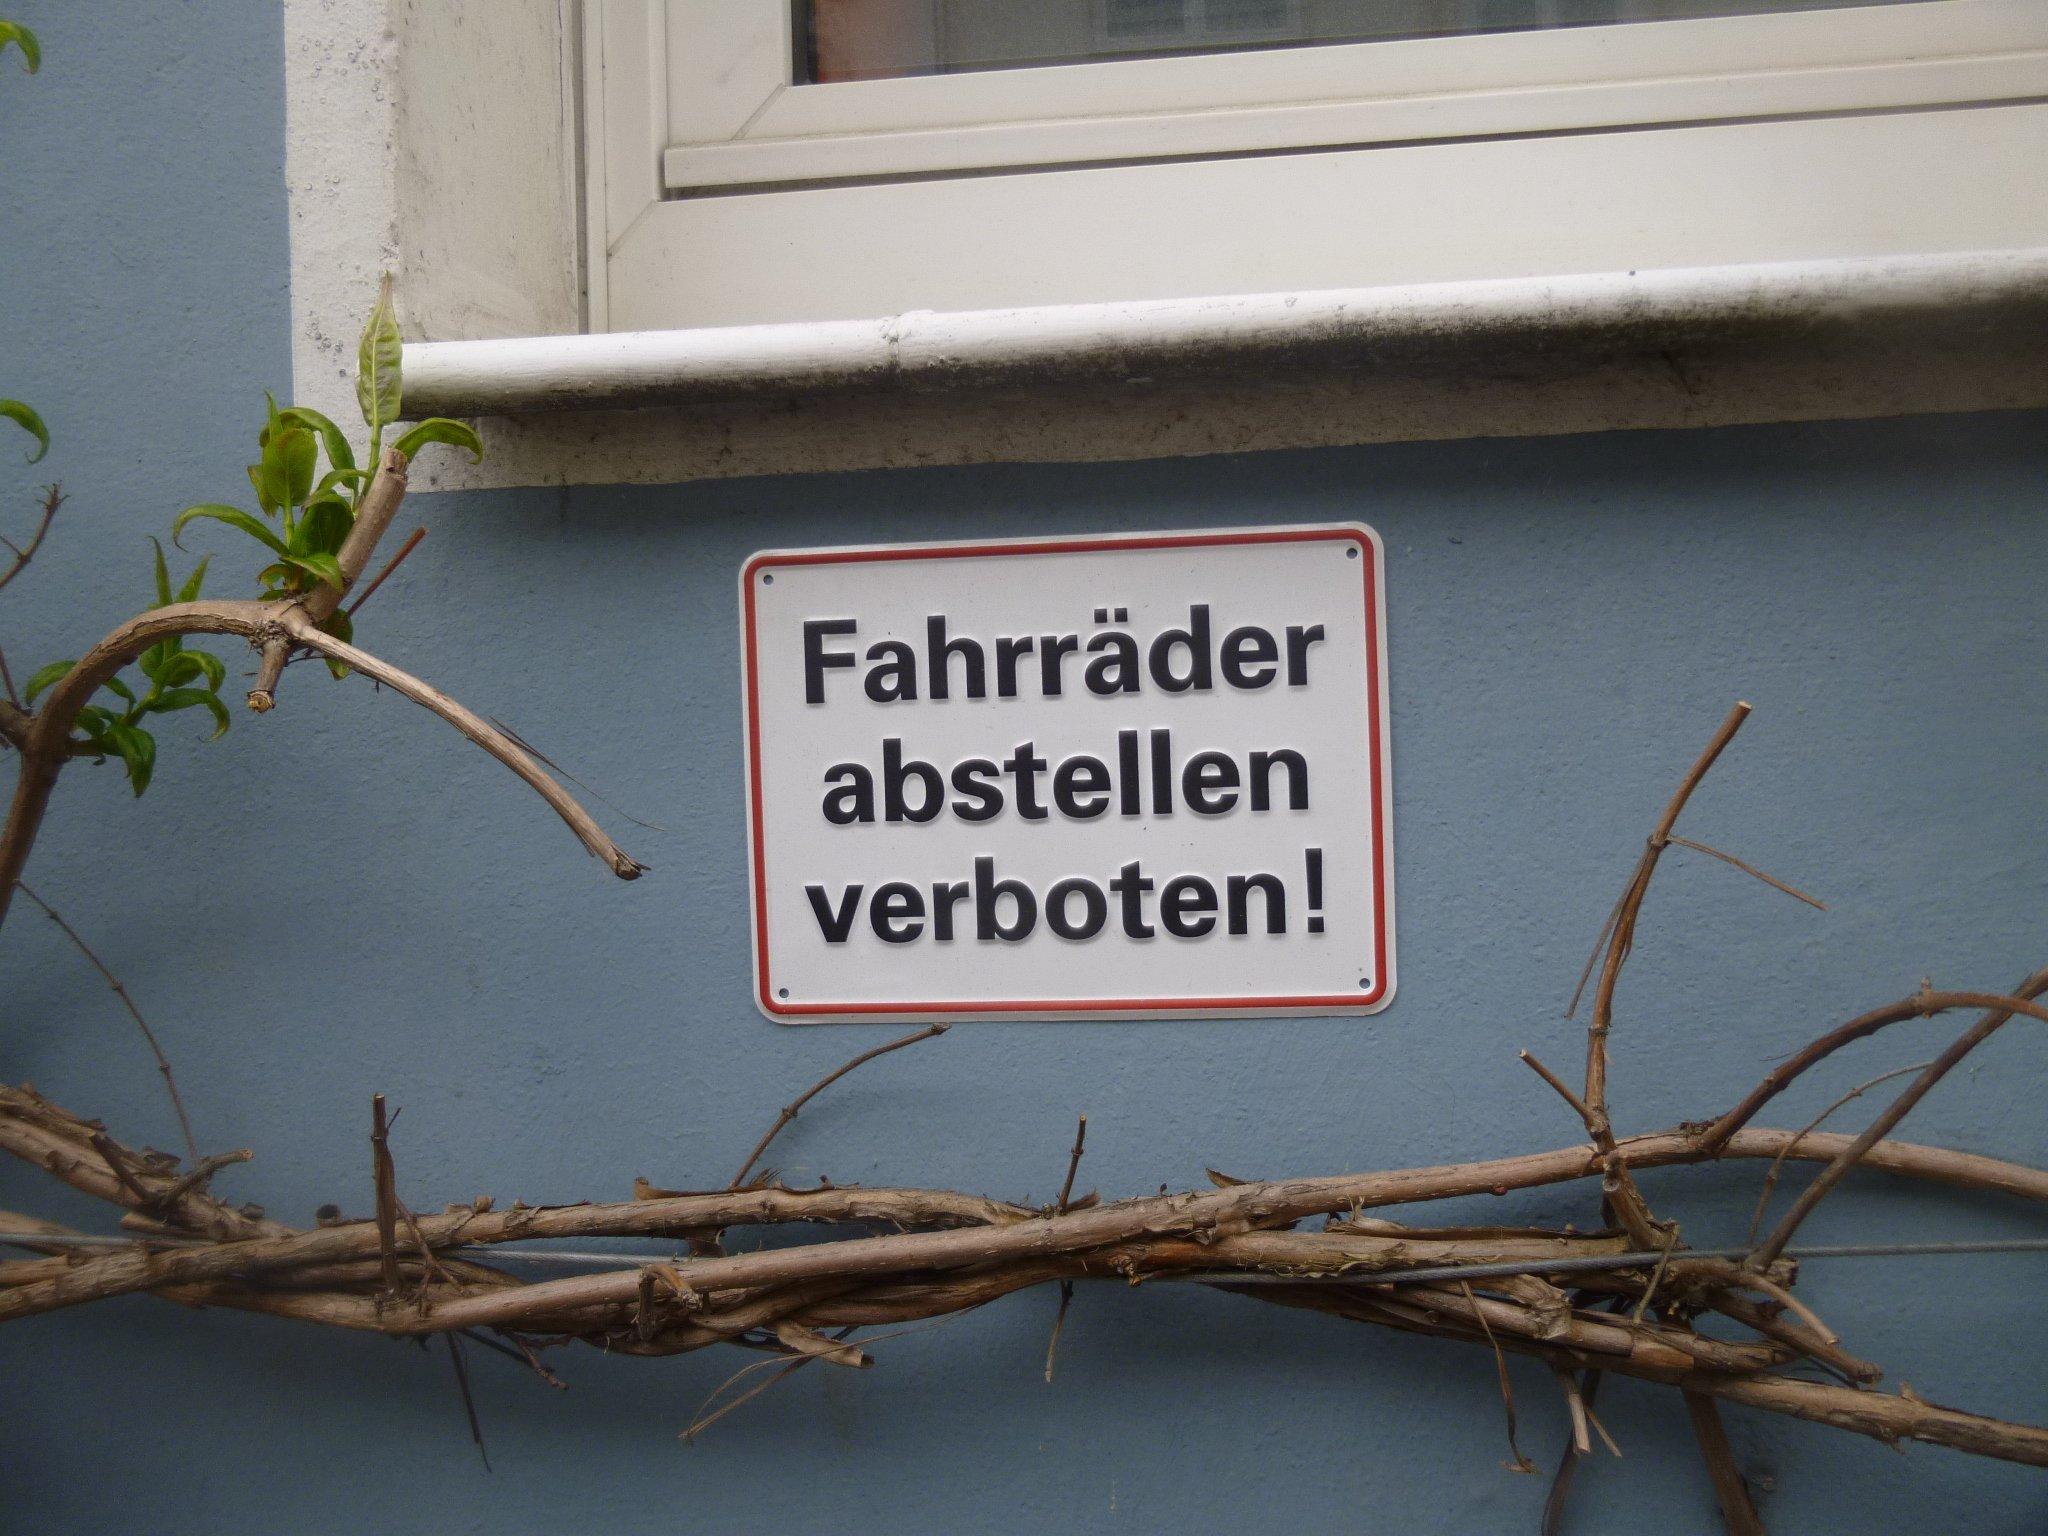 Fahrräder abstellen verboten!